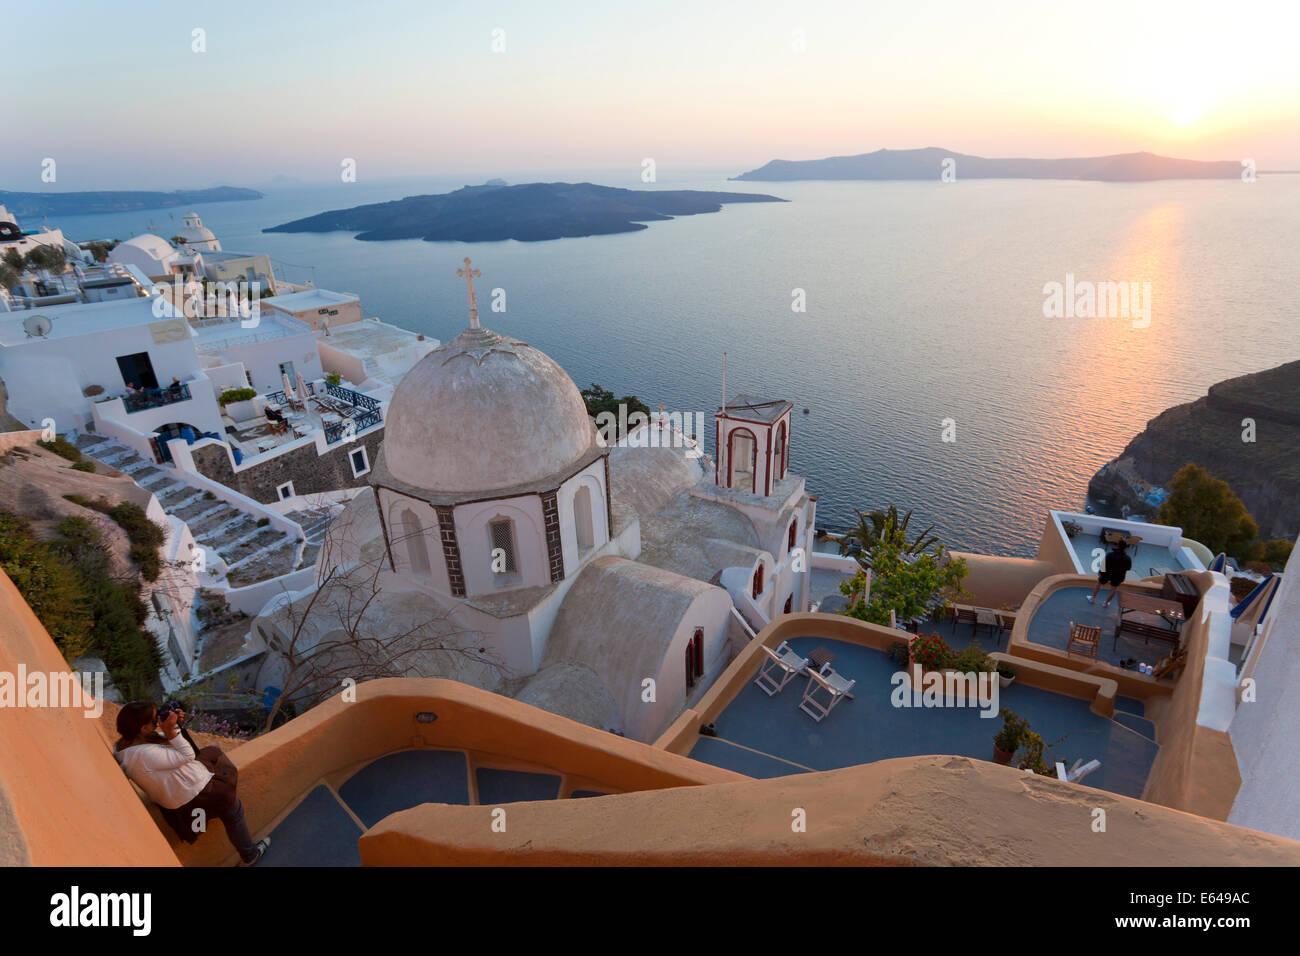 Church & Fira al atardecer, Fira, Santorini (Thira), Cyclades, Grecia Imagen De Stock